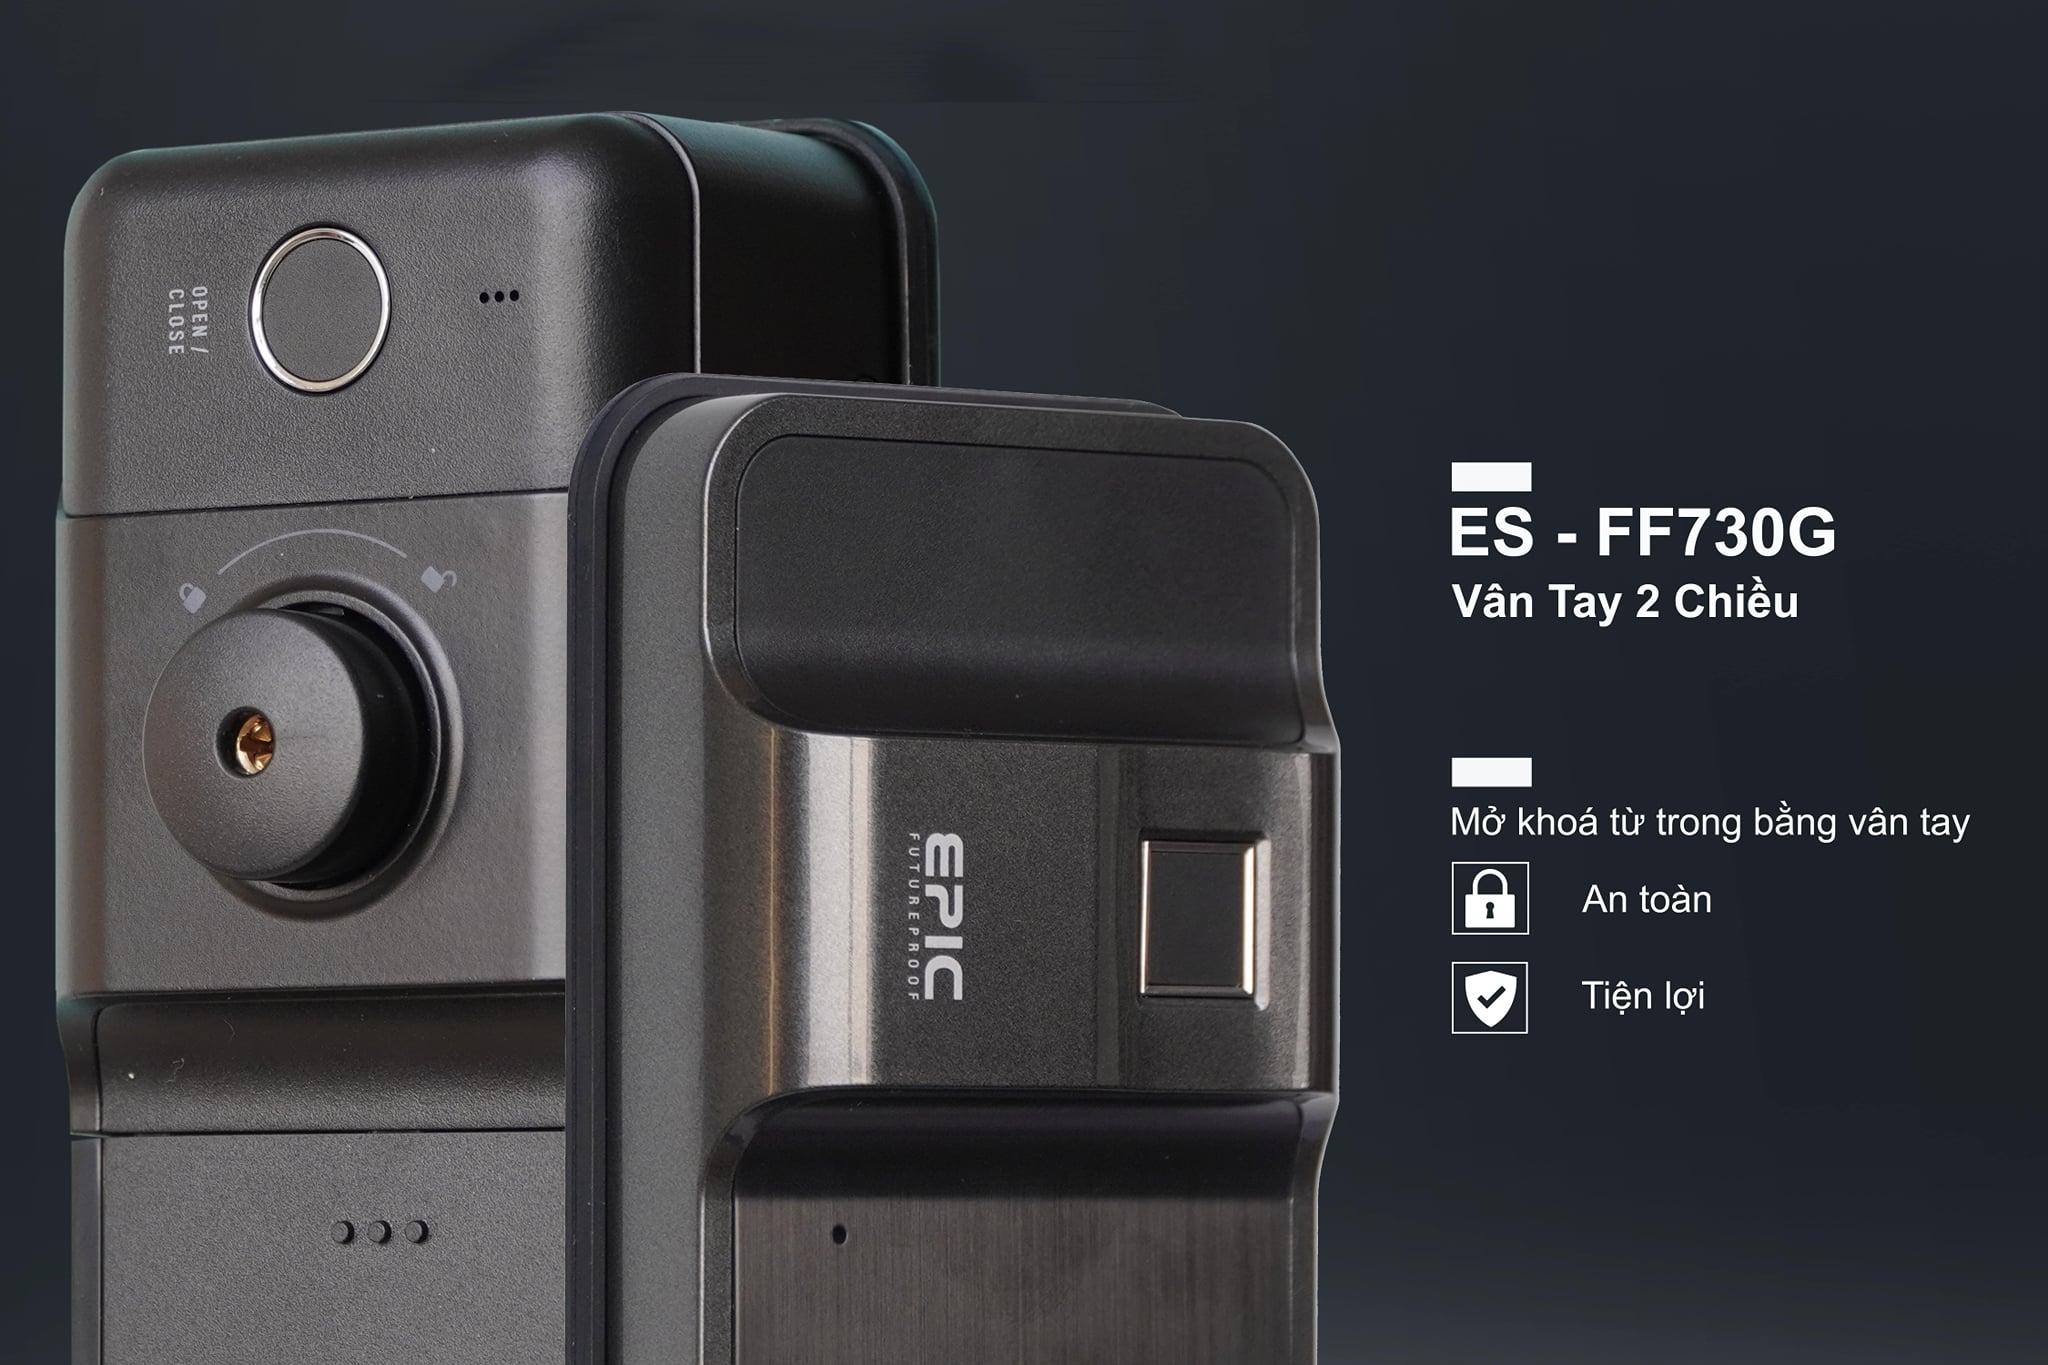 khoa-van-tay-epic-es-ff730g